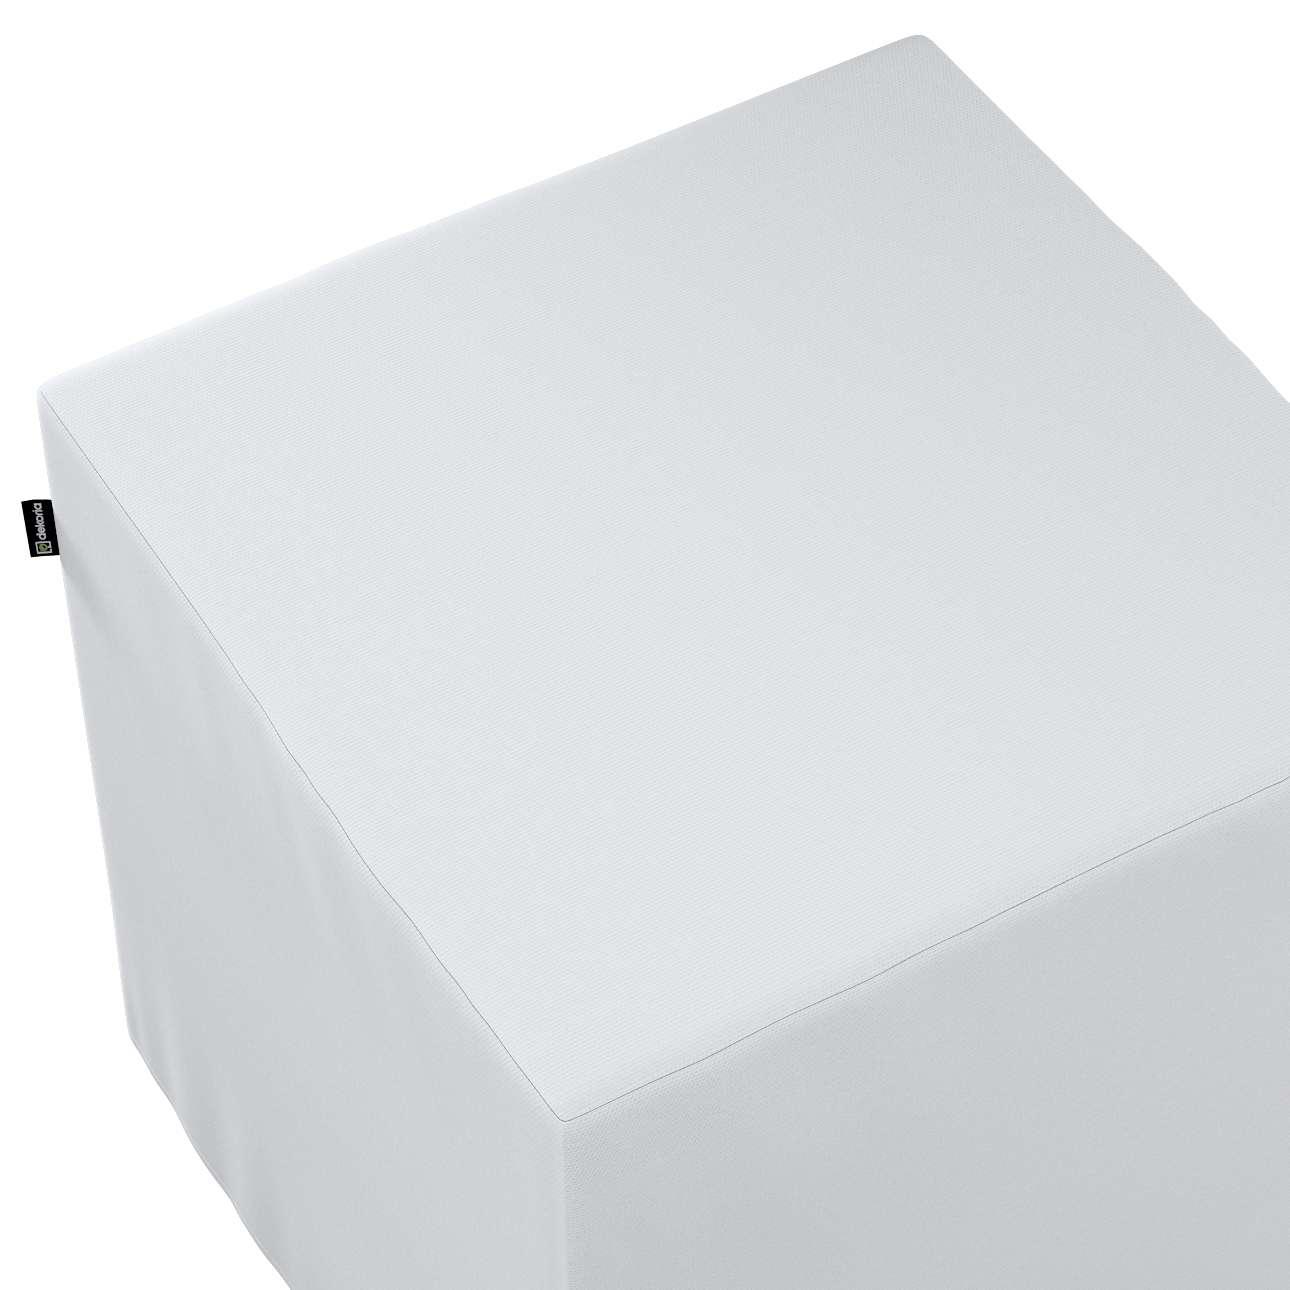 Bezug für Sitzwürfel von der Kollektion Loneta, Stoff: 133-02